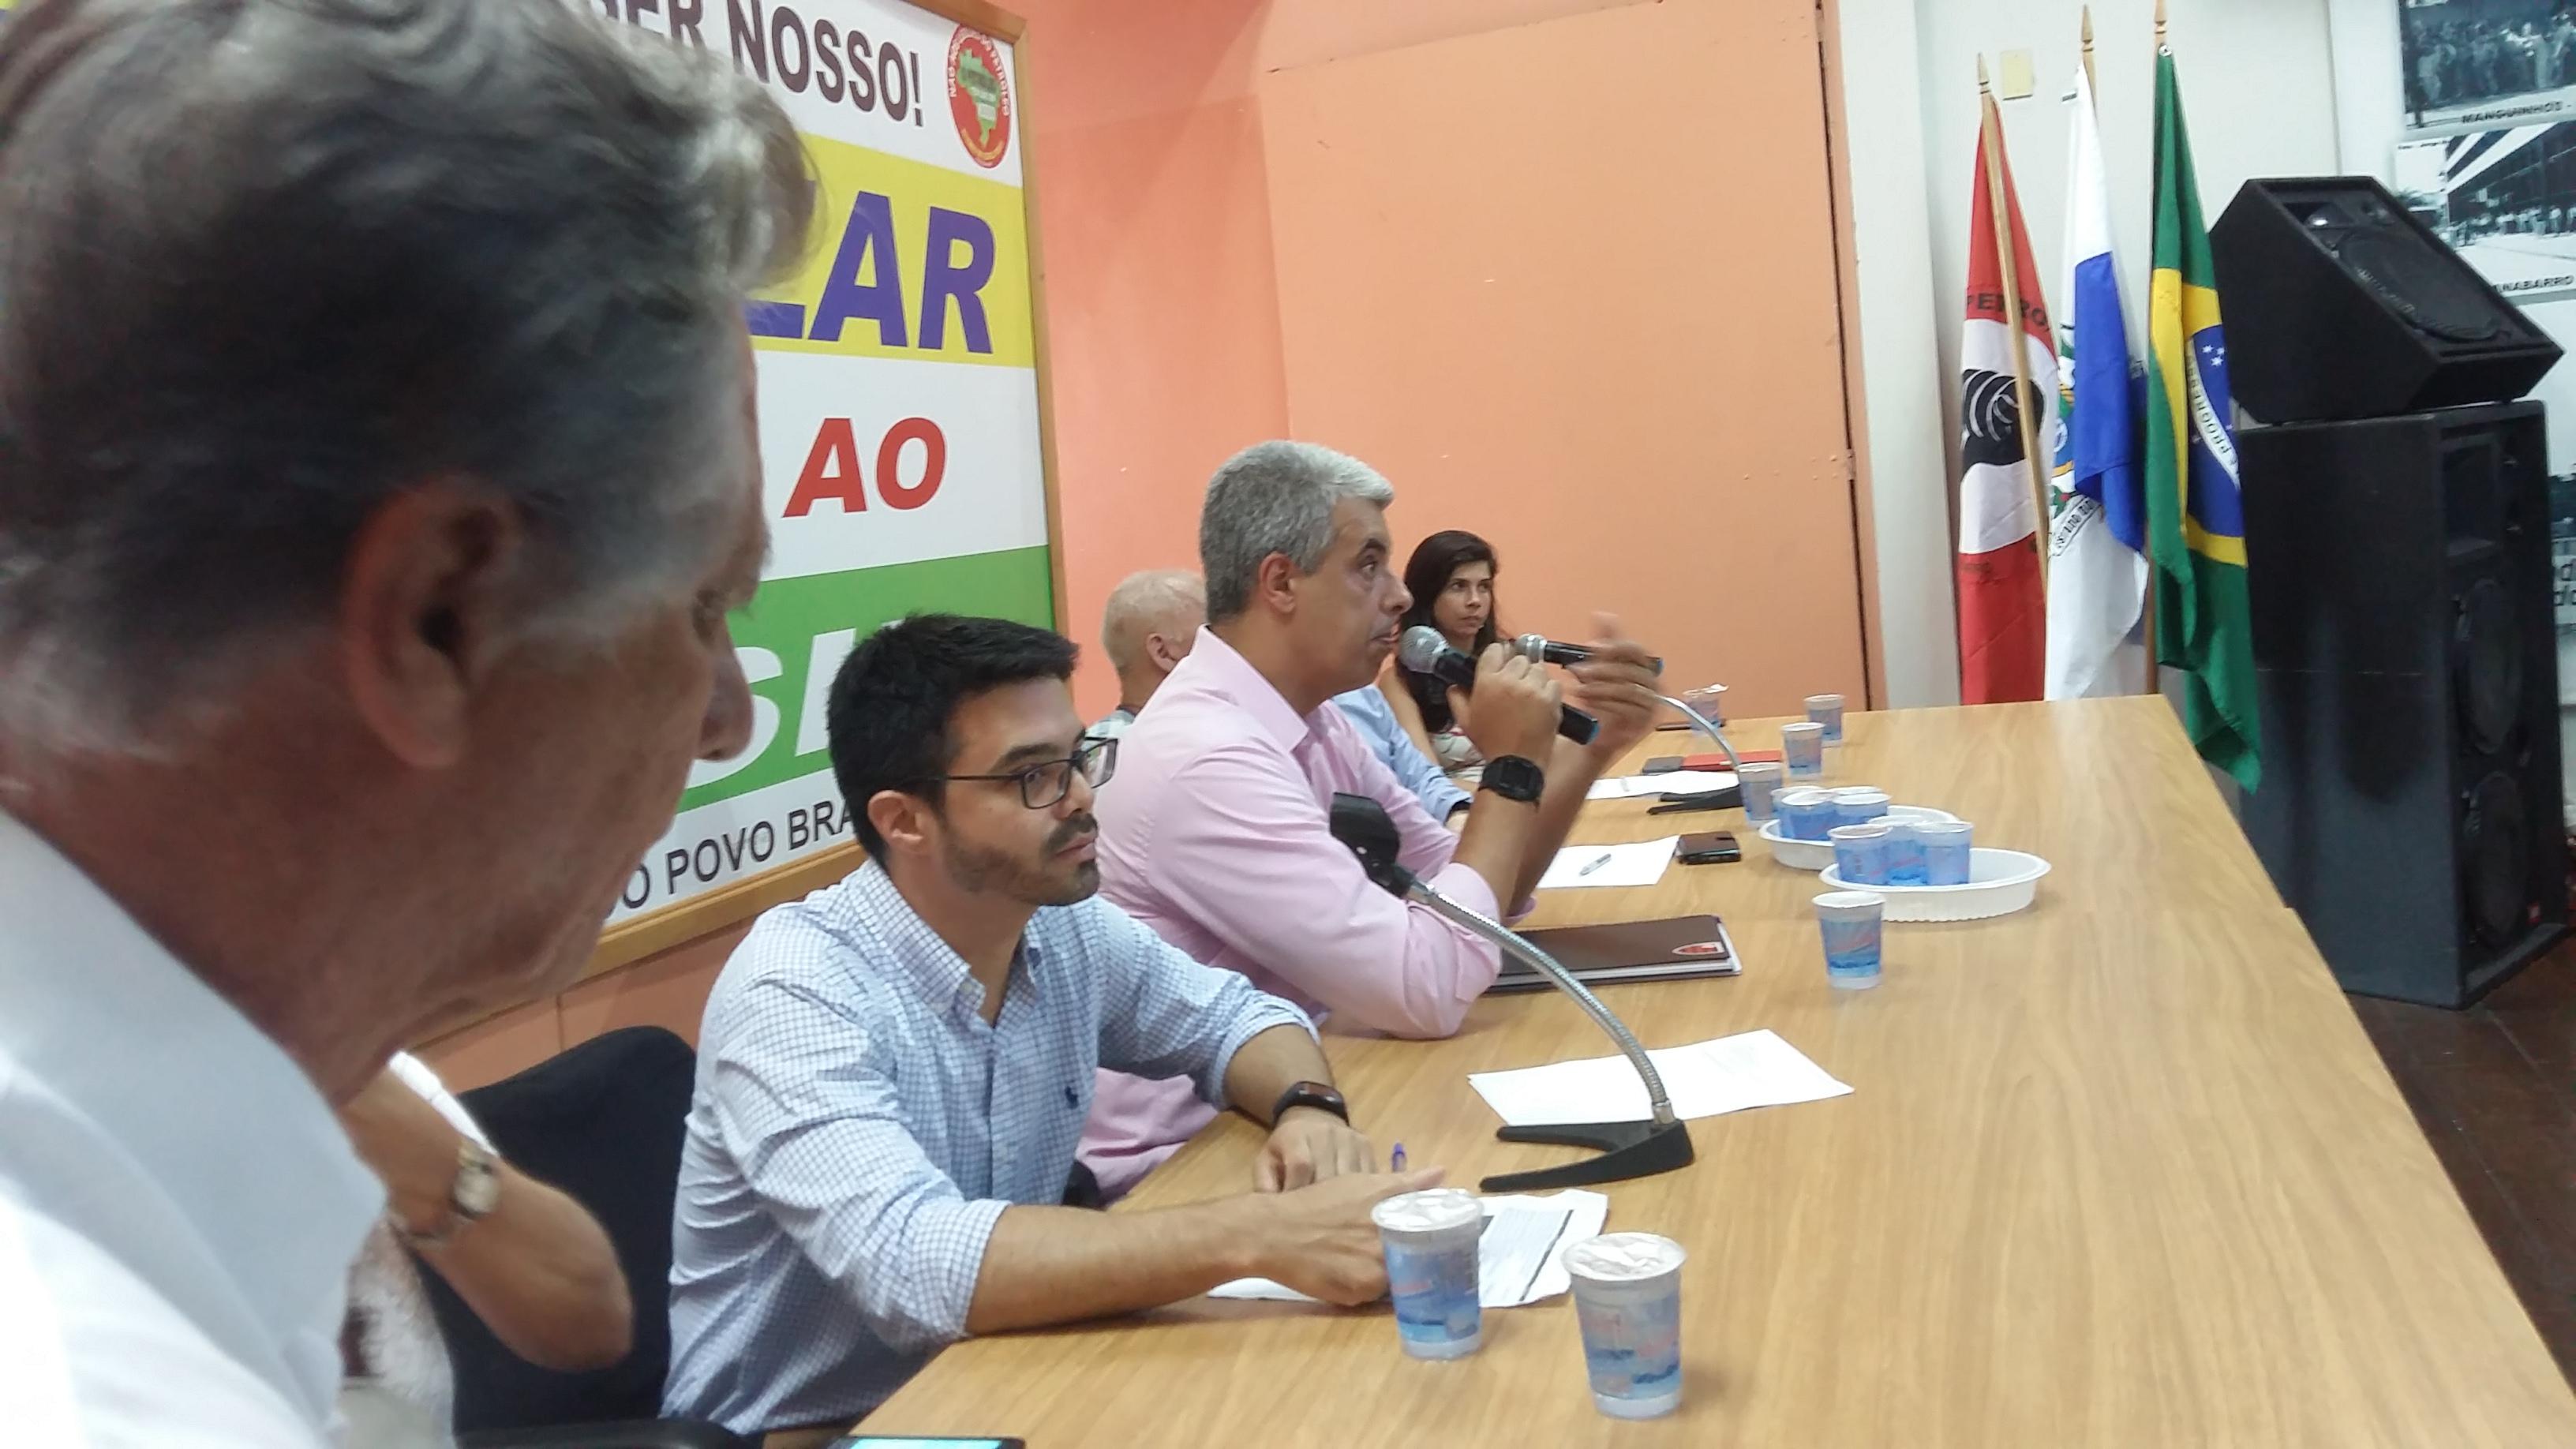 Representantes da Petrobrás explicam sobre mudanças no AMS e Benefício Farmácia para aposentados aposentados 2 6 3